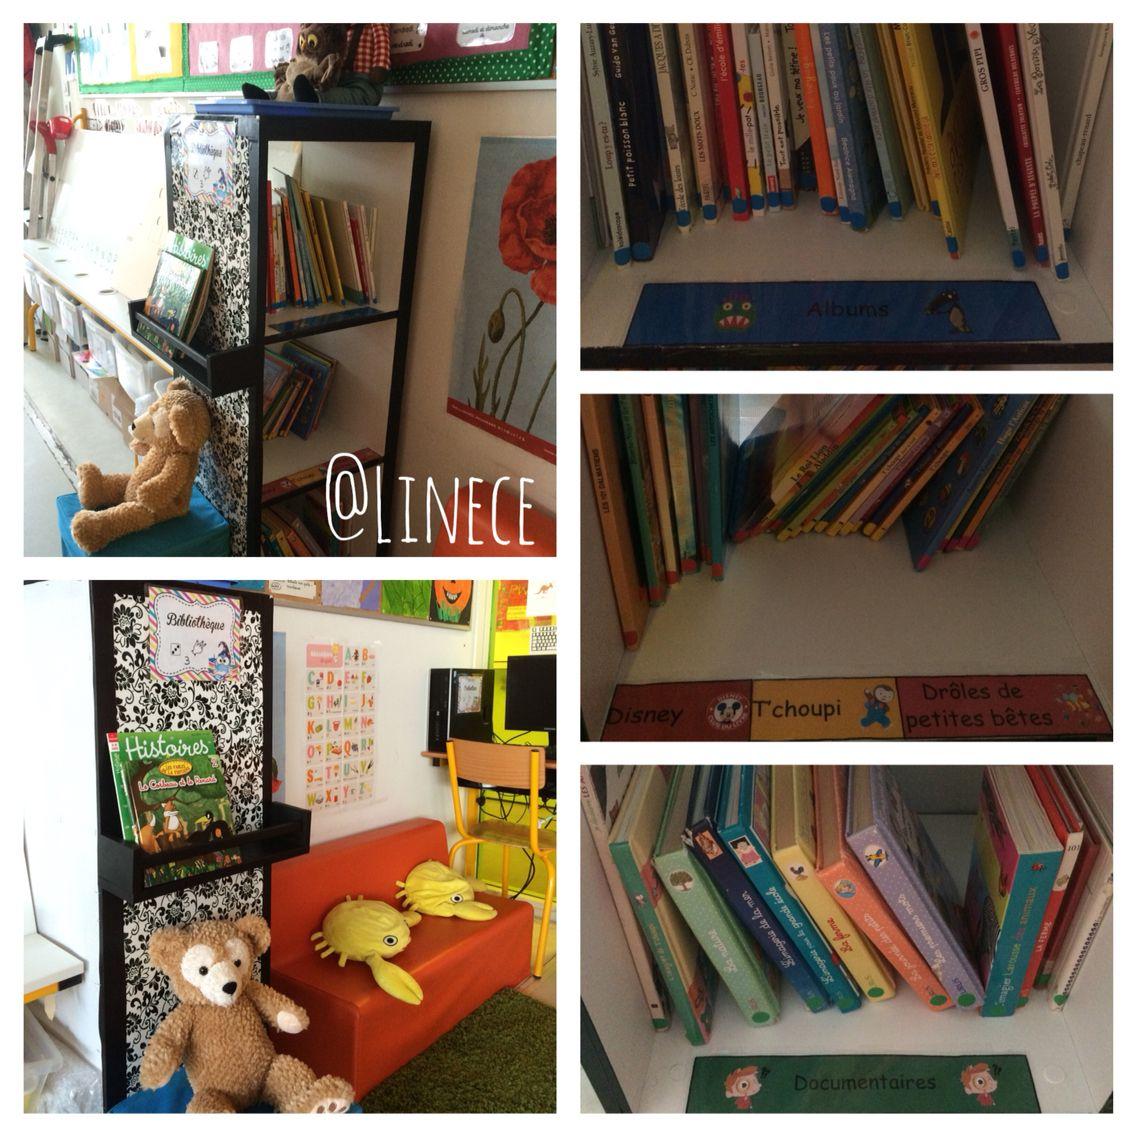 mon coin biblioth que cosi et organis avec des gommettes par th me une tag re pices ikea. Black Bedroom Furniture Sets. Home Design Ideas